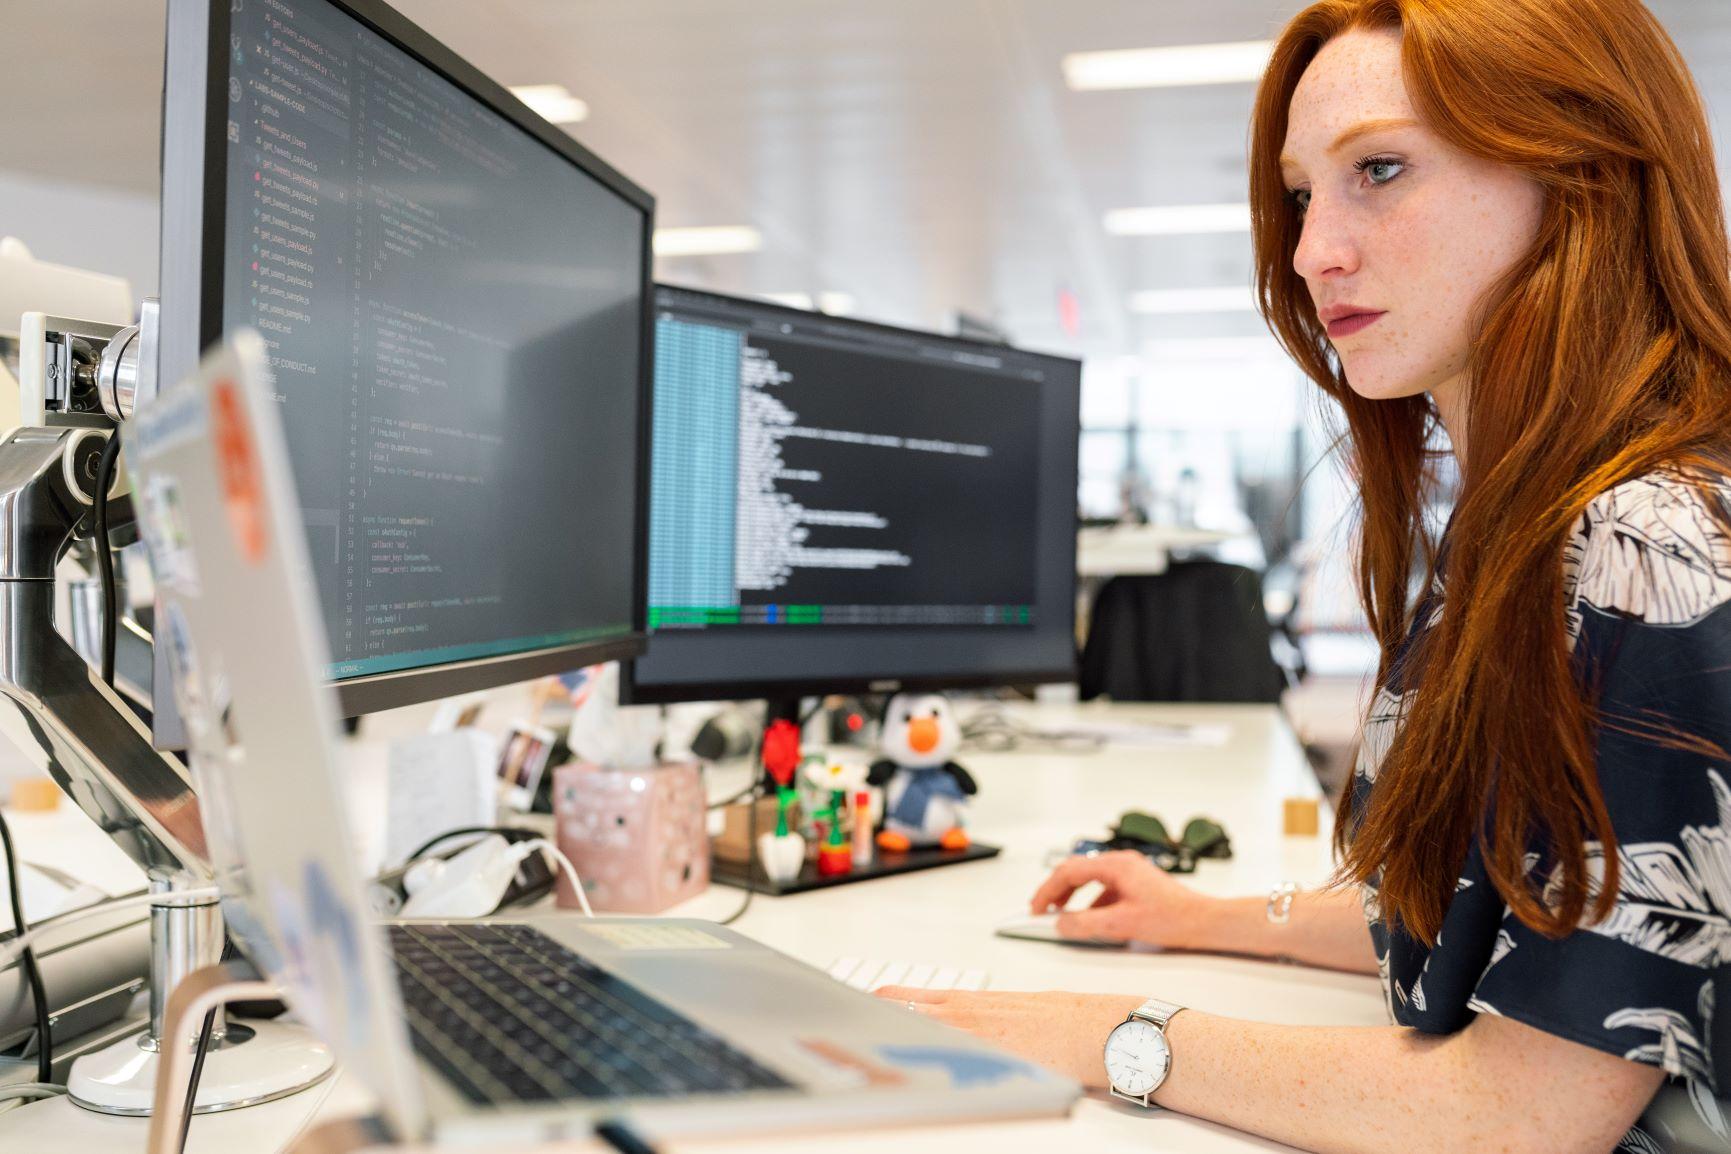 Technik und Software sind nicht alles. Der Nutzer muss eine Schulung erhalten, um die Möglichkeiten von Digital Signage ausnutzen zu können.